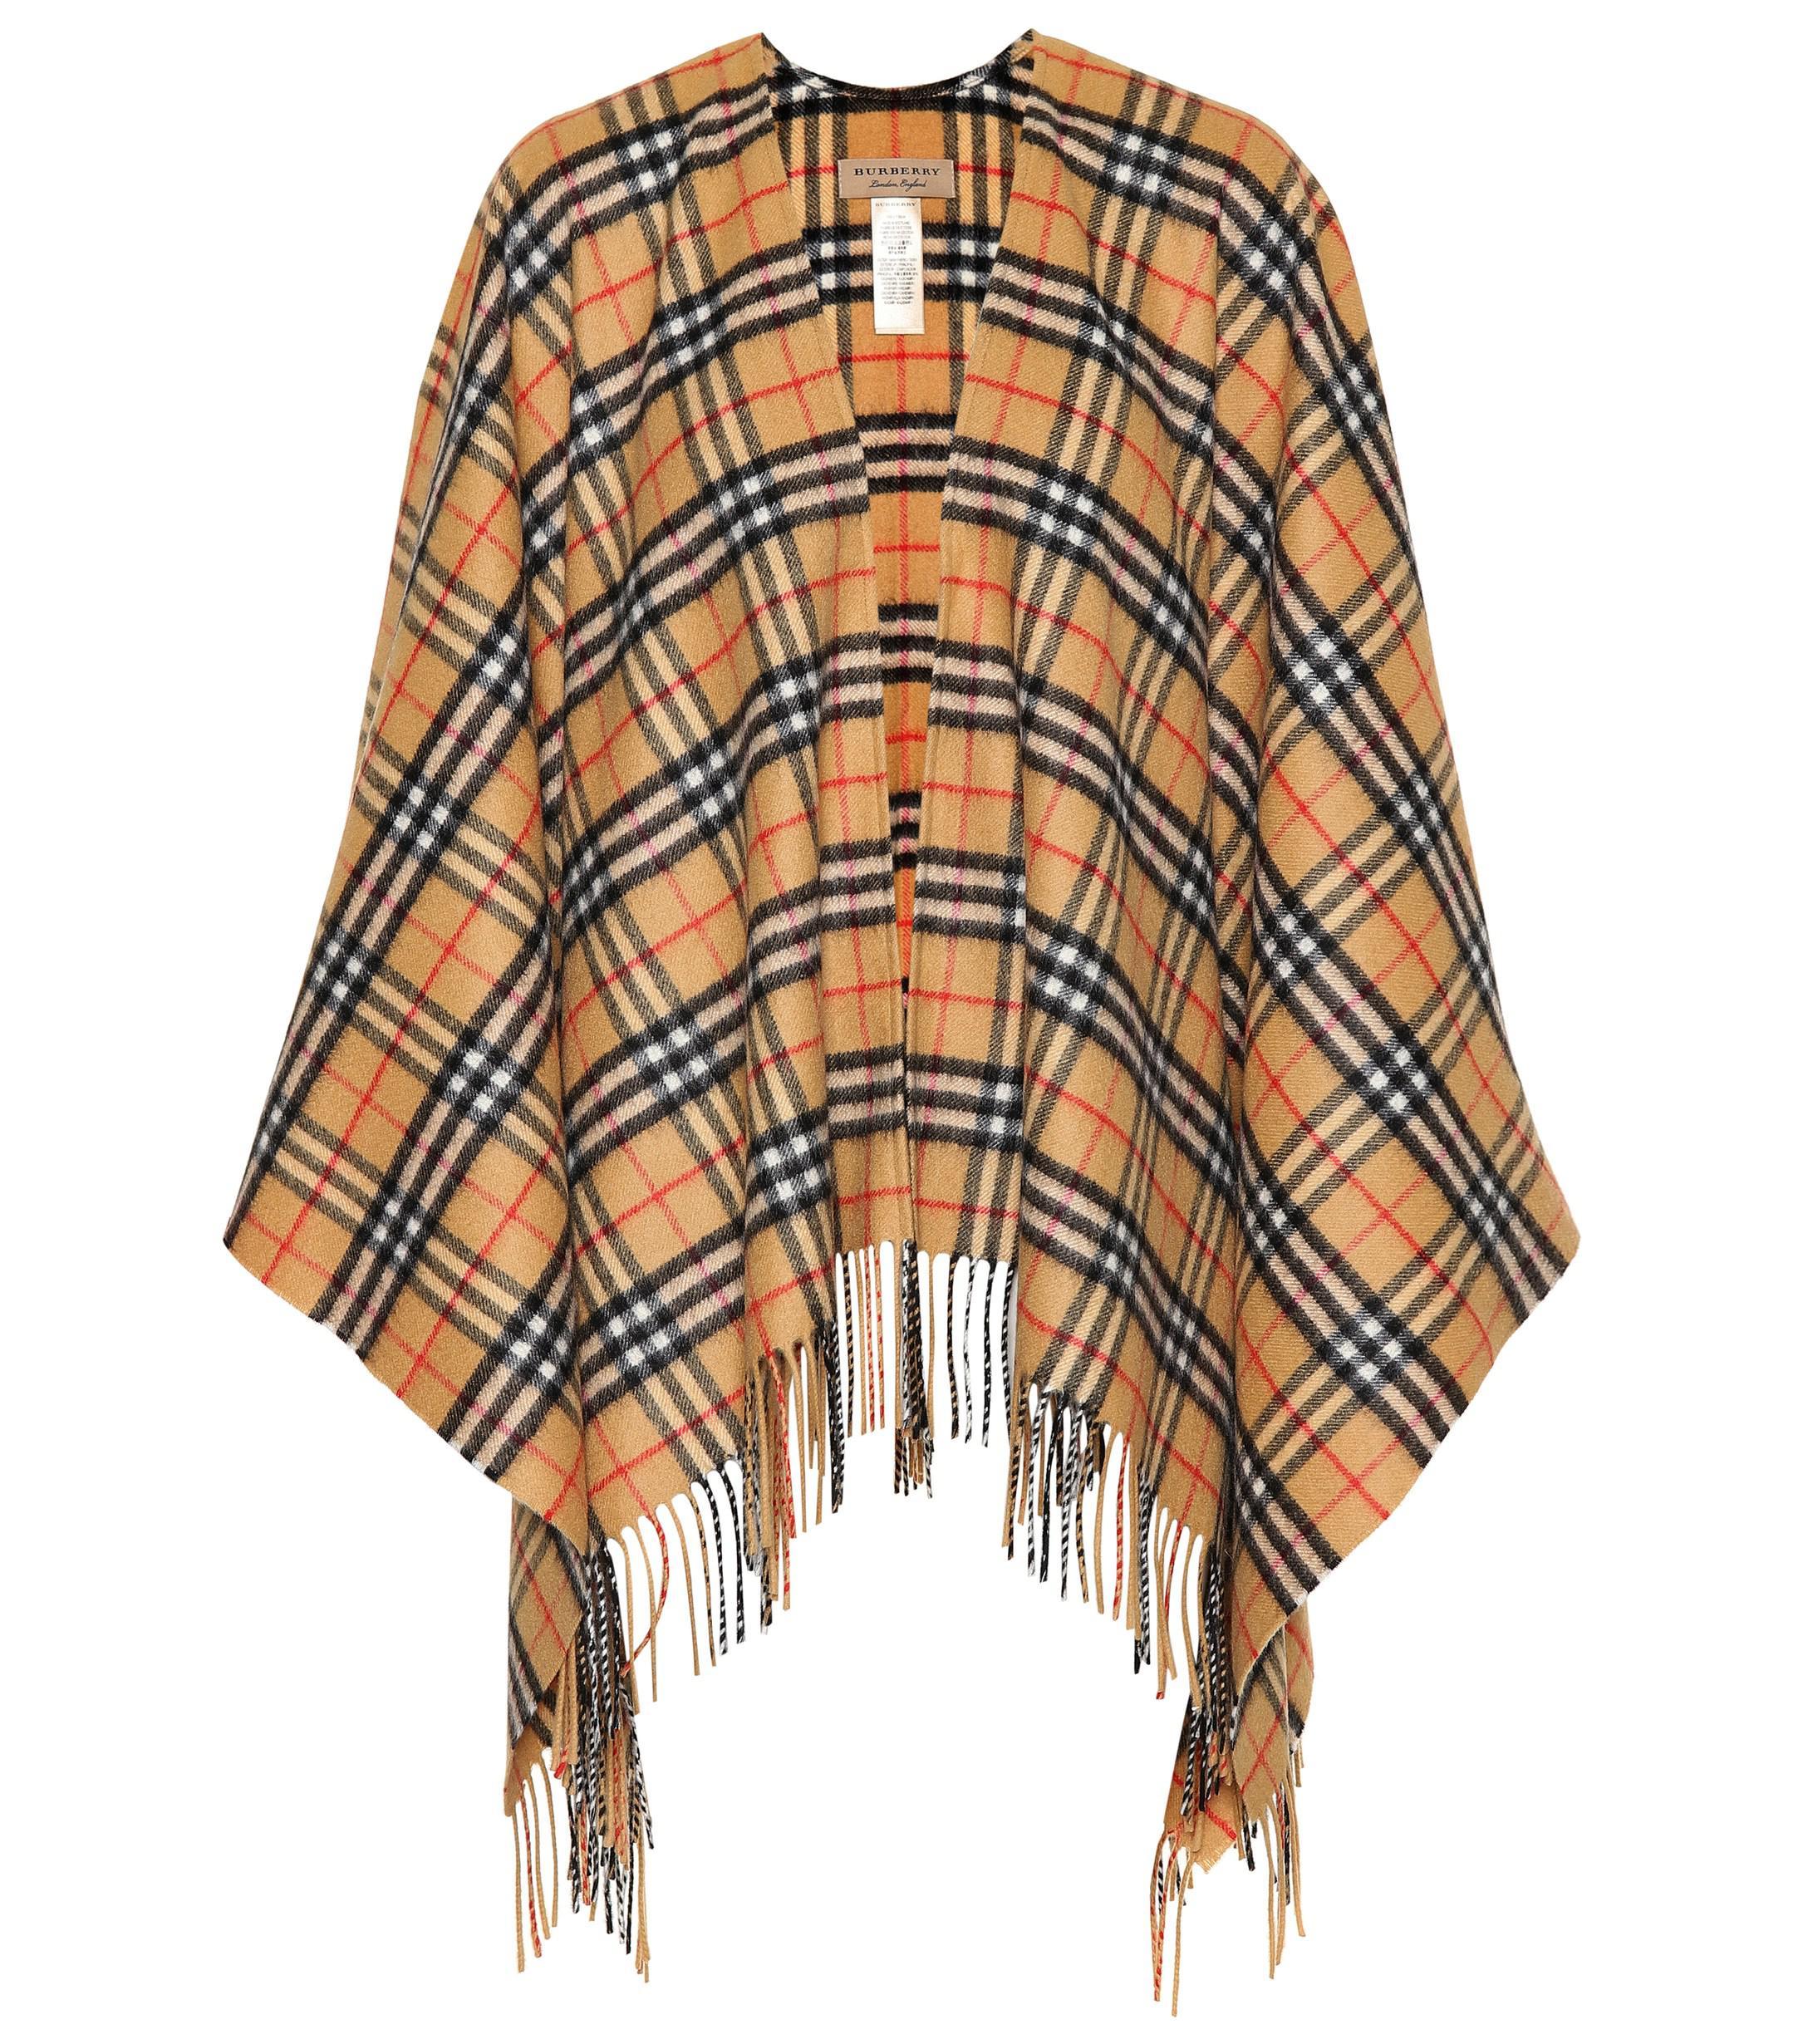 6a25fe8a8a22 Lyst - Cape à carreaux en laine et cachemire Vintage Check Burberry